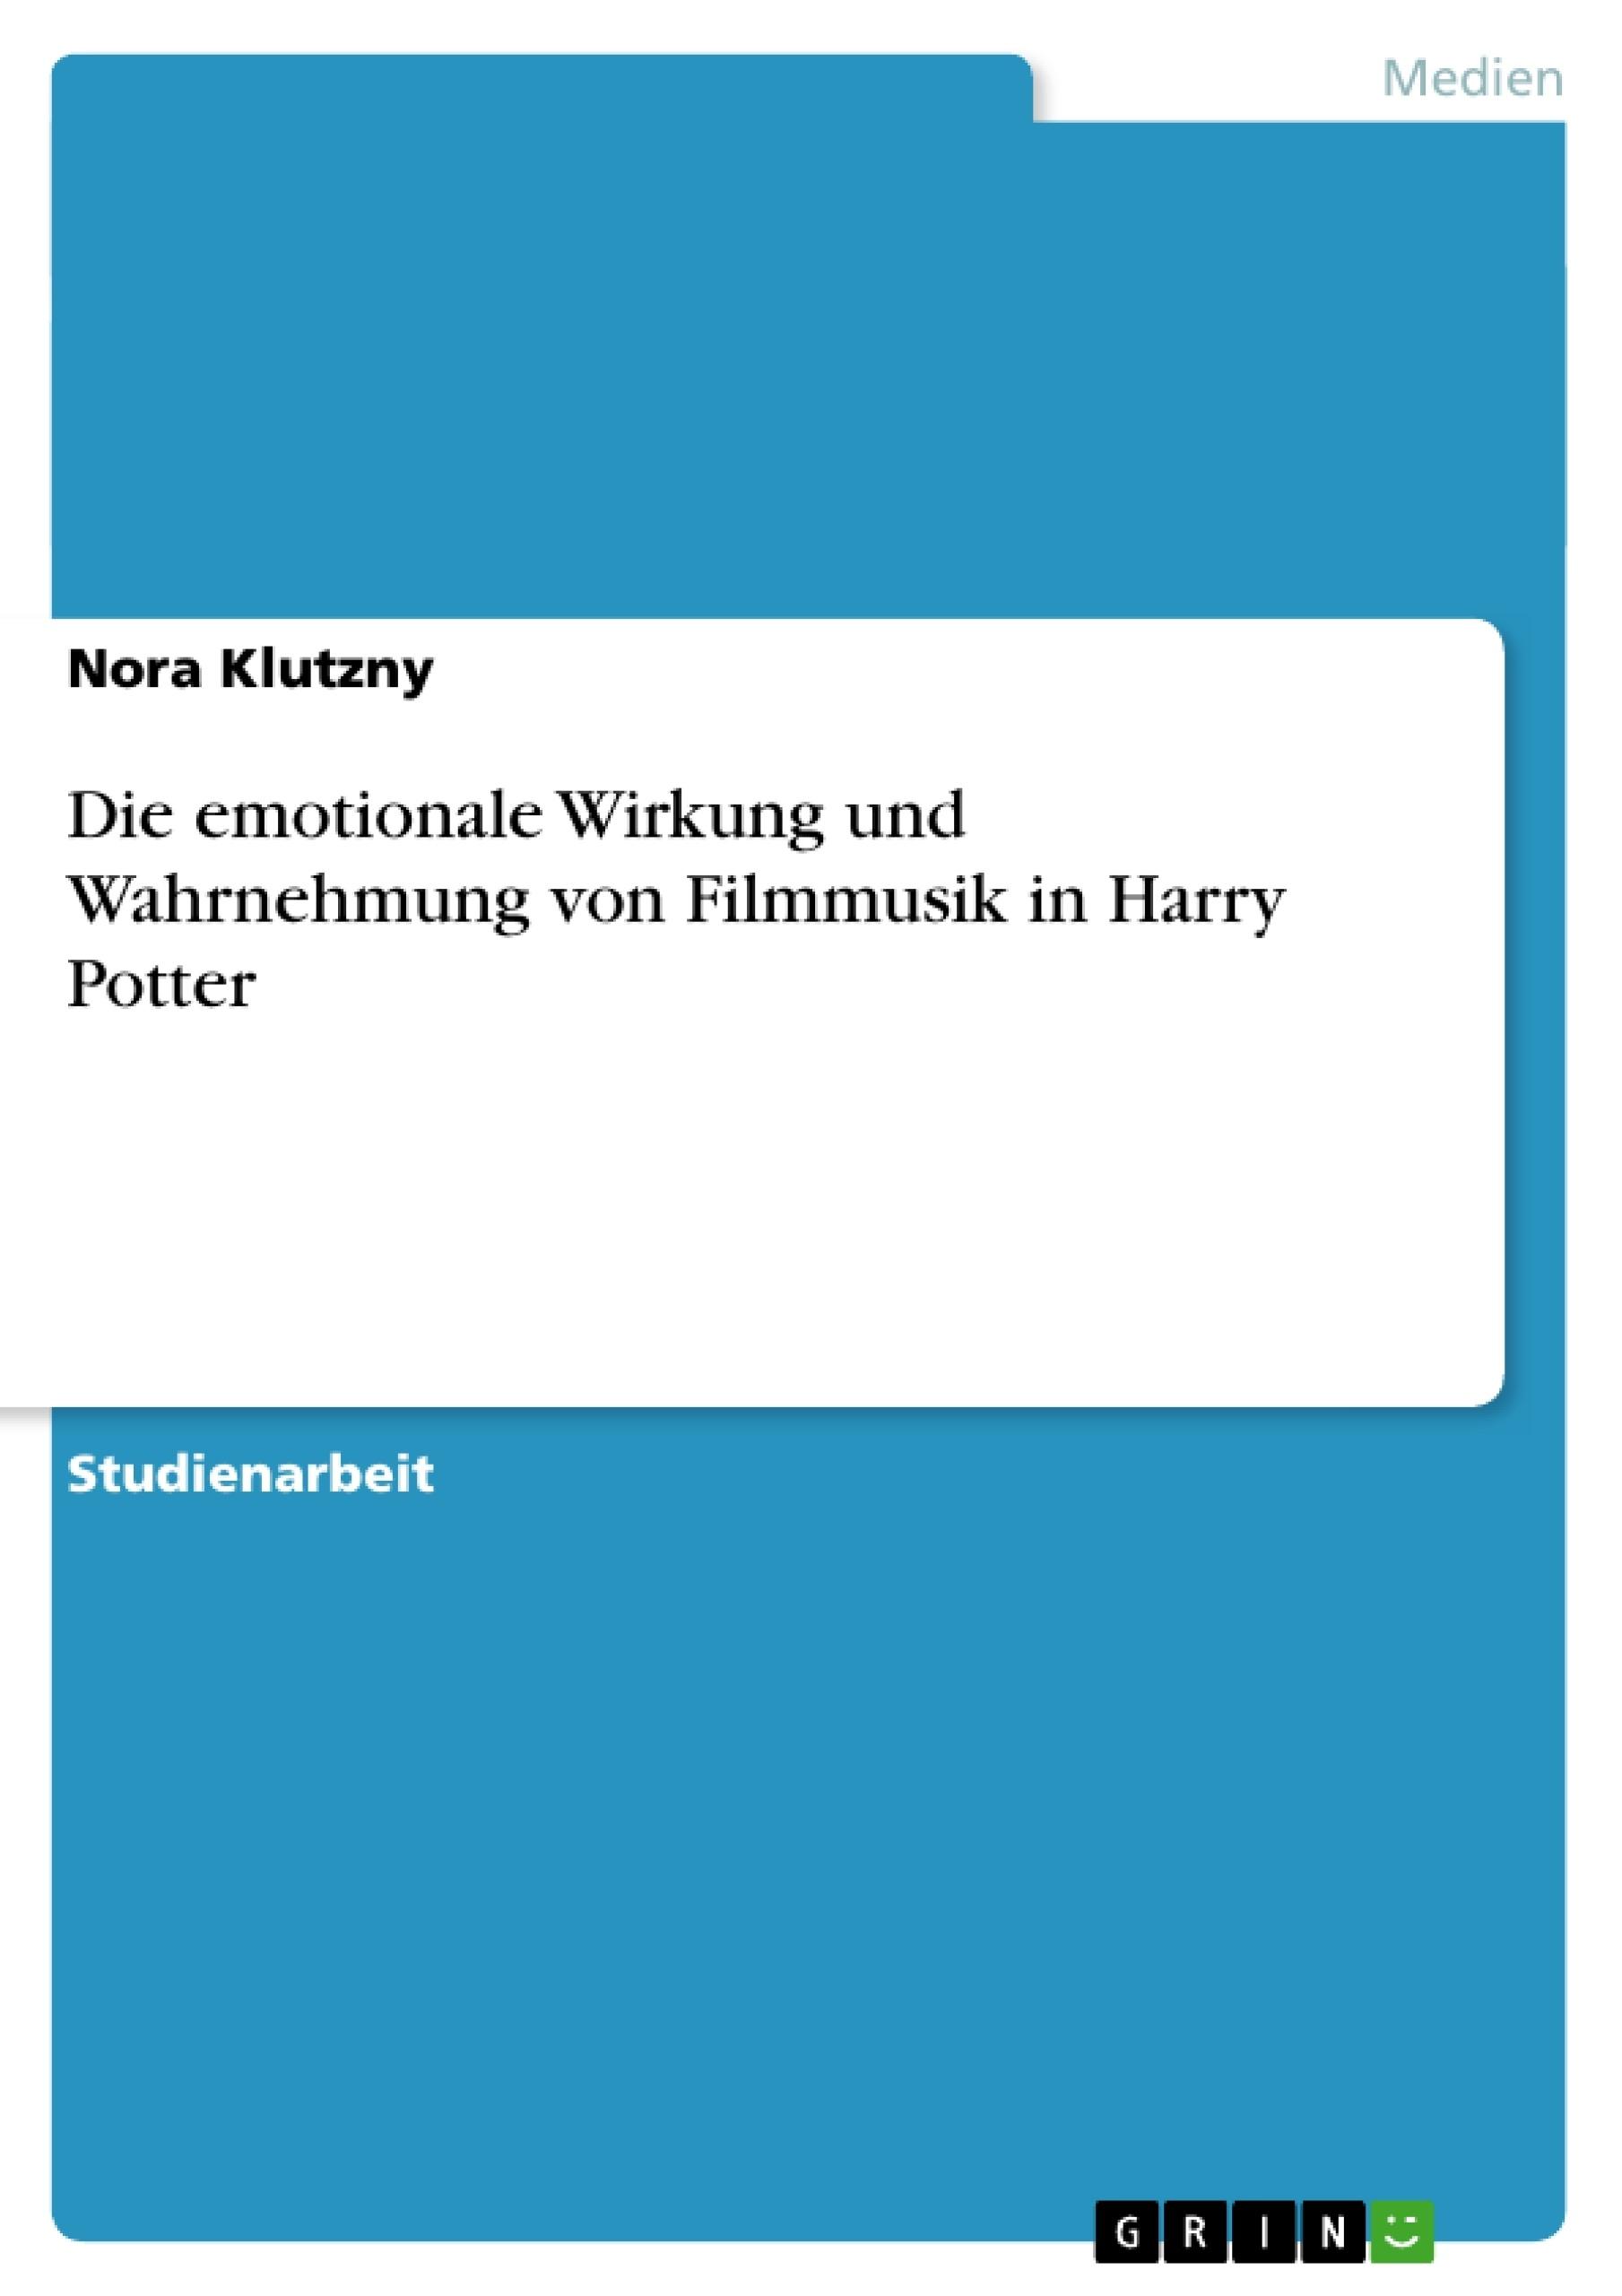 Titel: Die emotionale Wirkung und Wahrnehmung von Filmmusik in Harry Potter